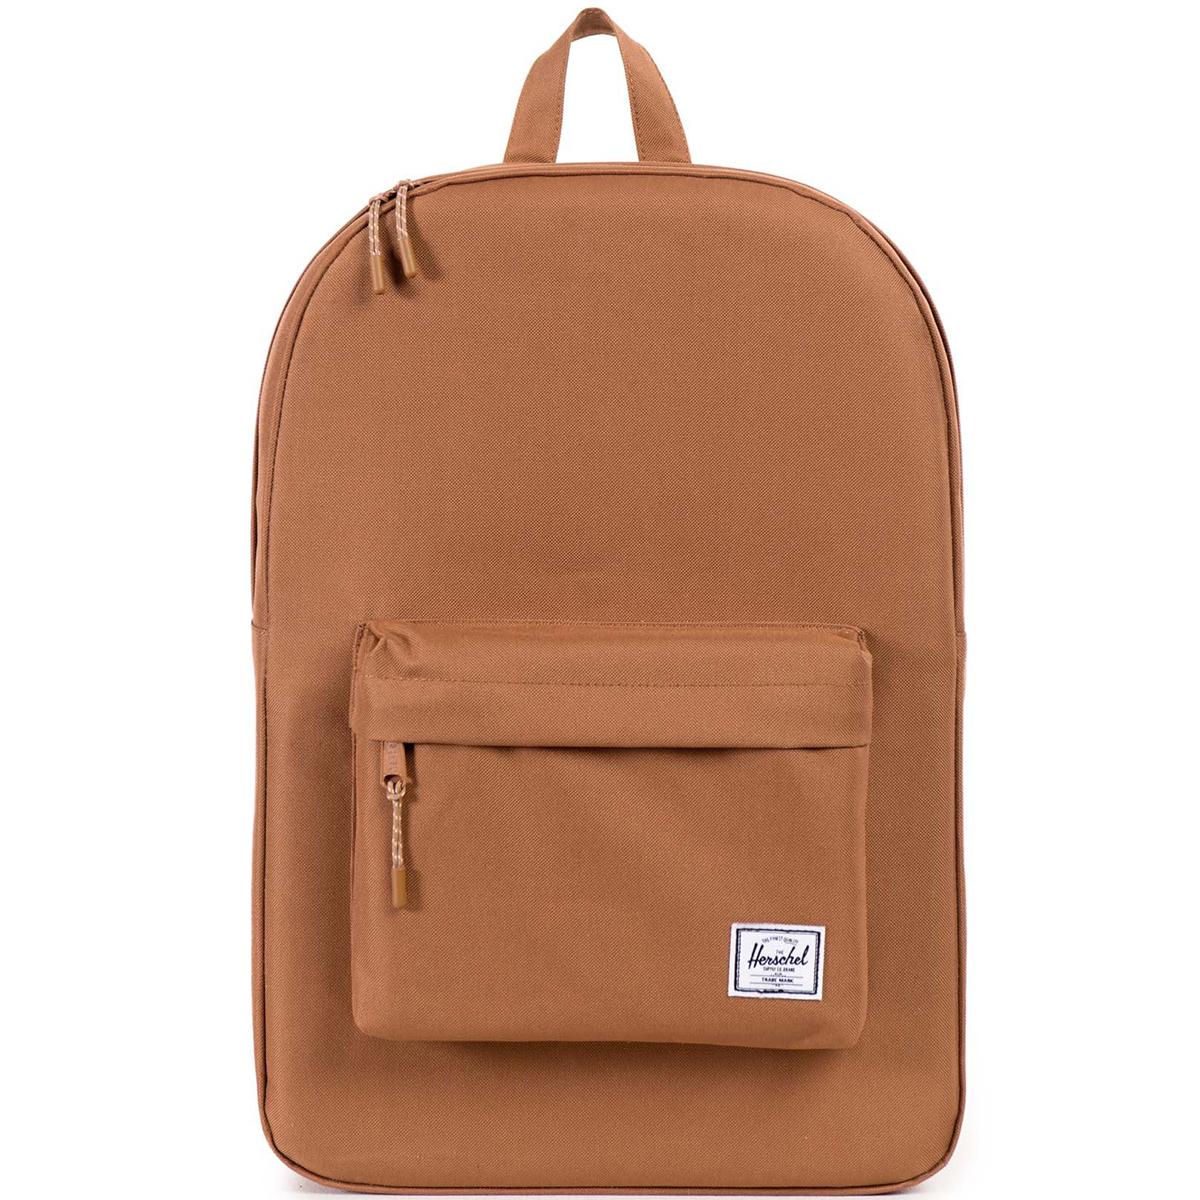 Рюкзак городской Herschel Classic (A/S), цвет: светло-коричневый. 828432048359GD7372-blackРюкзак Herschel Classic целиком и полностью оправдывает свое название, выражая совершенство в лаконичных и идеальных линиях. Этот рюкзак создан для любых целей и поездок и отлично впишется в абсолютно любой стиль.